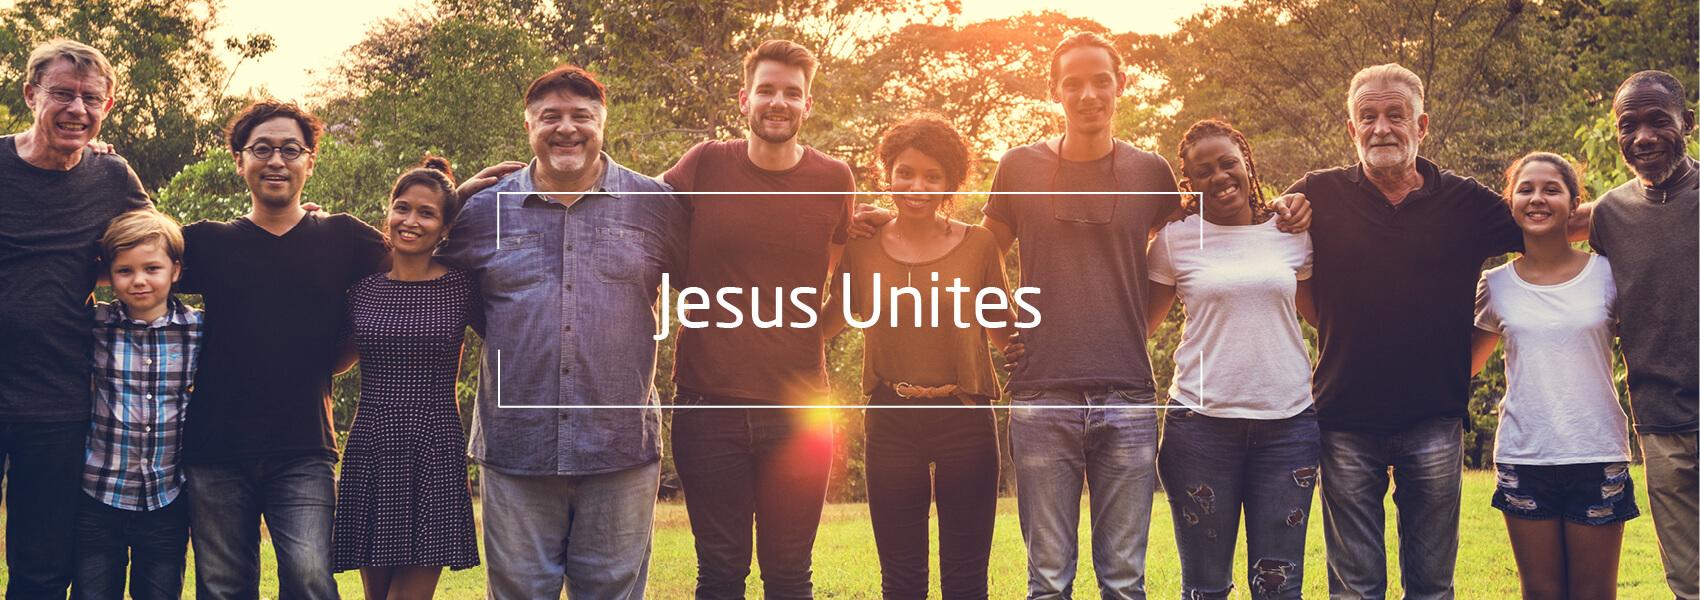 Menschen international Arm in Arm, Text: Jesus Unites